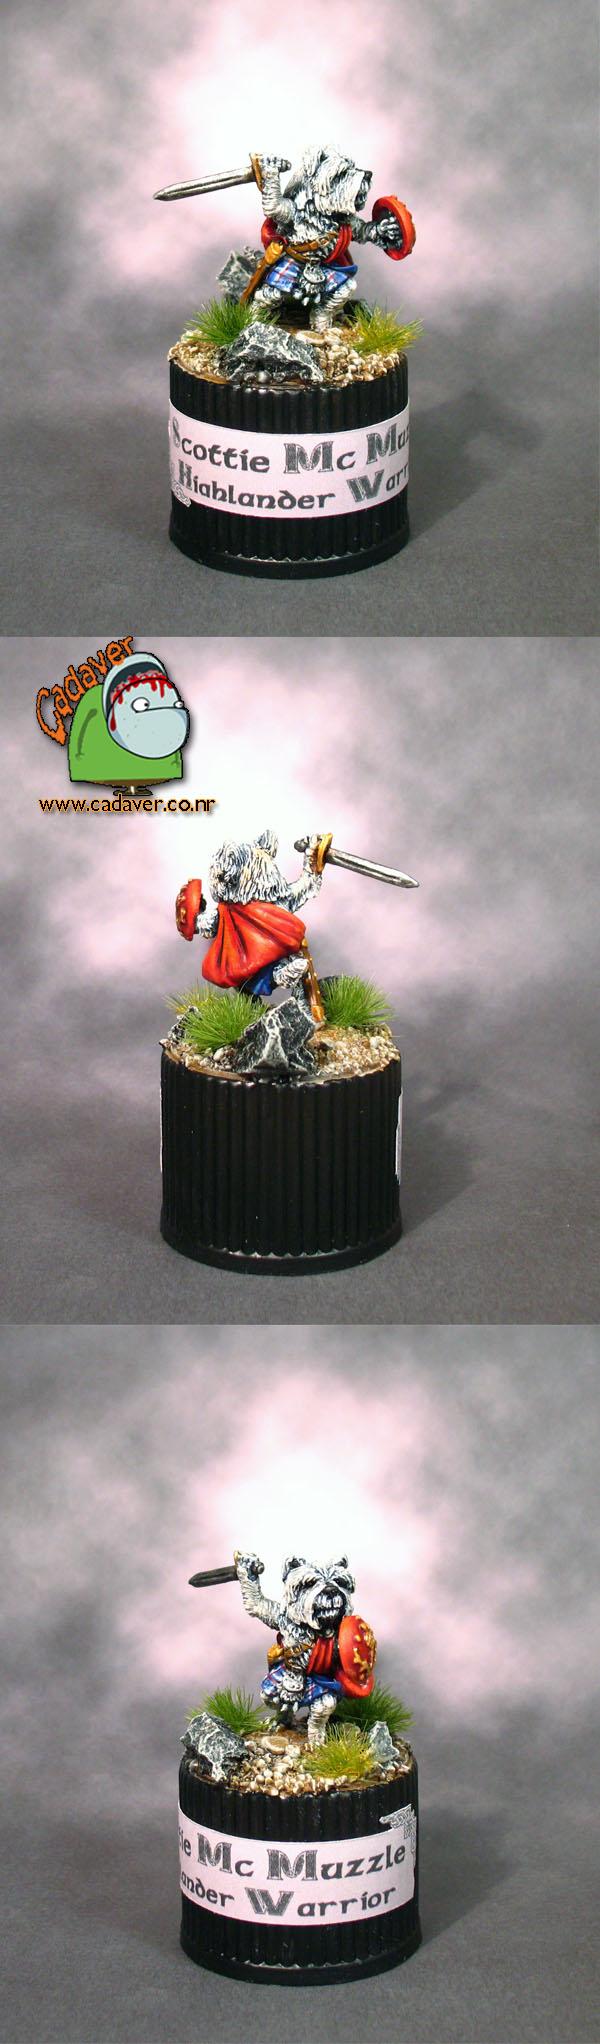 Scottie McMuzzle Highlander Warrior